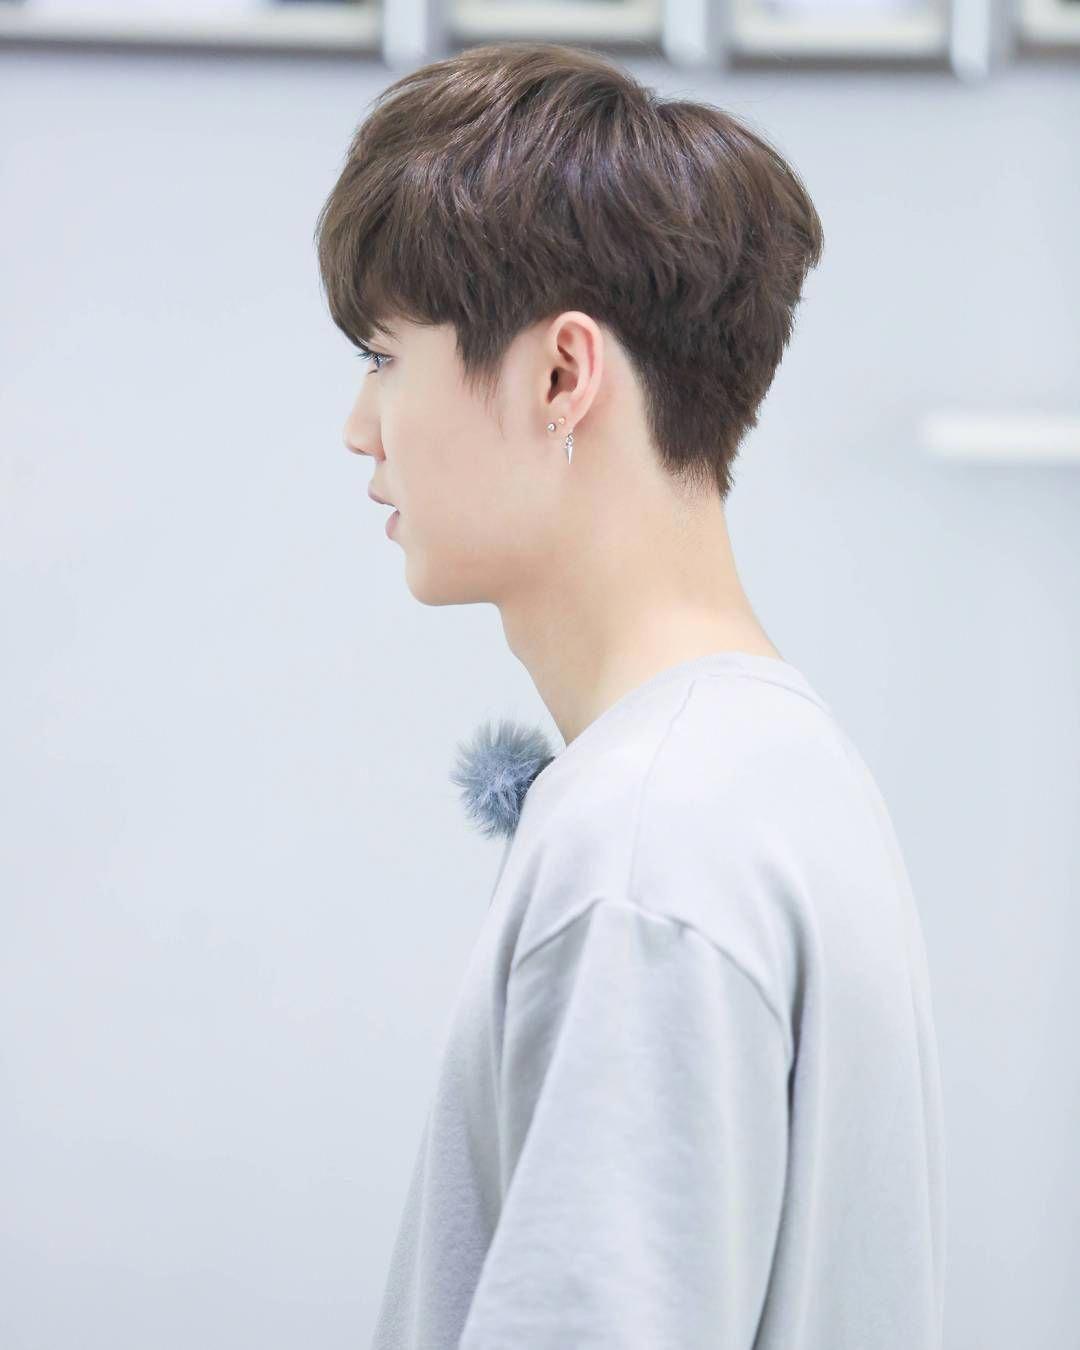 Bestbraidedhairstyles Korean Hairstyle Kpop Hair Korean Men Hairstyle